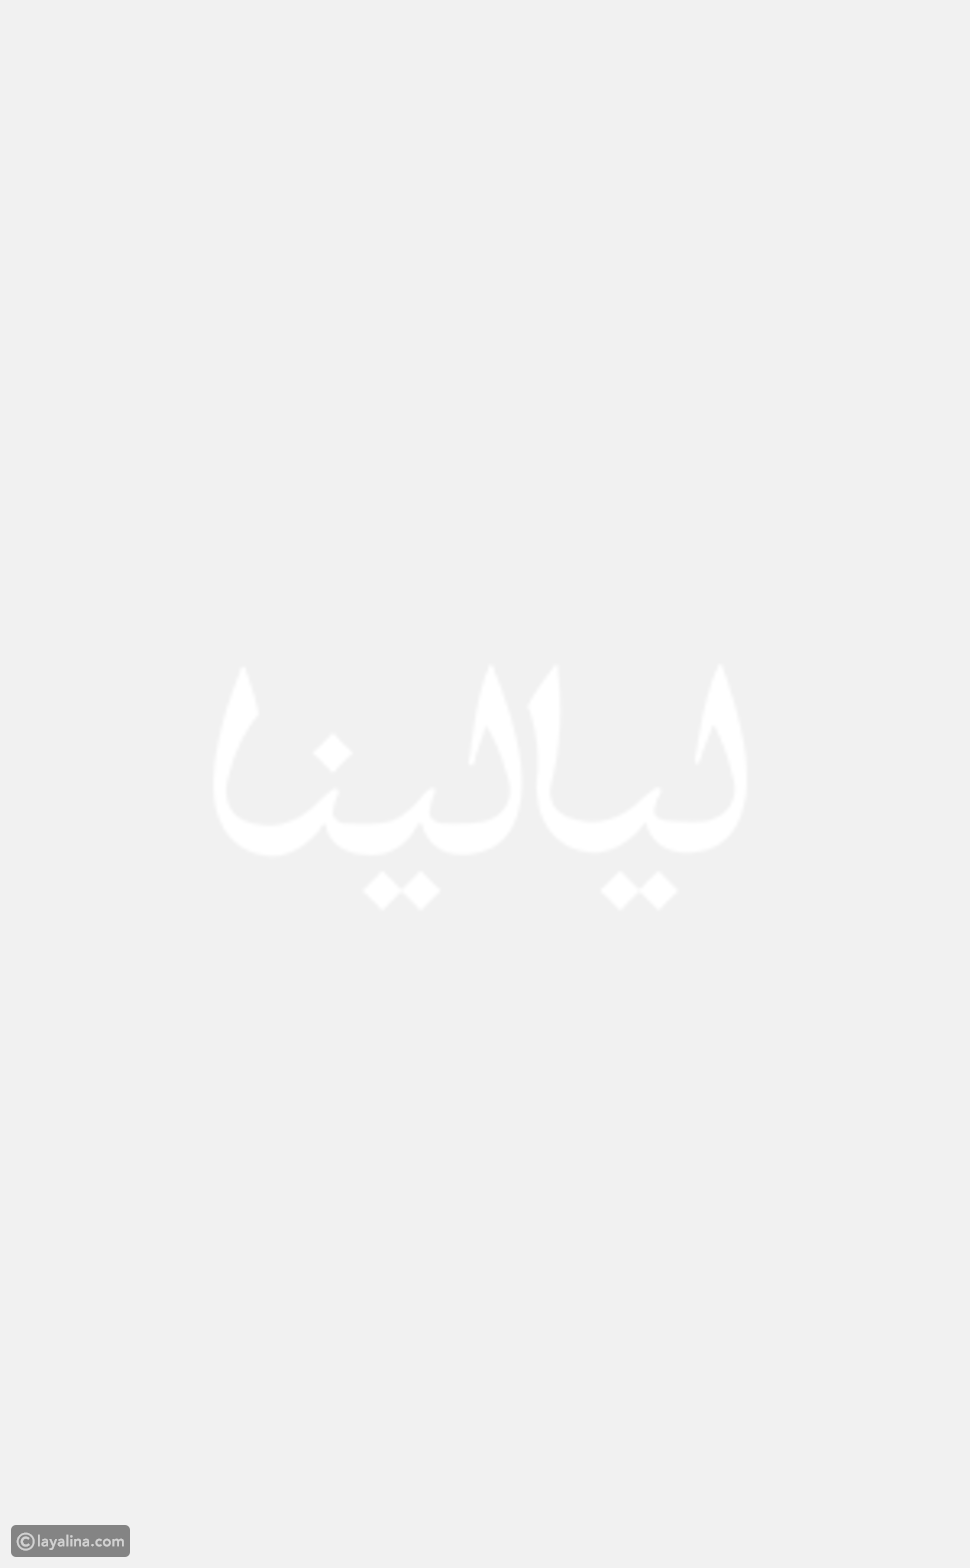 بالفيديو: حضري كوكتيل المانجا والفراولة المنعش في رمضان